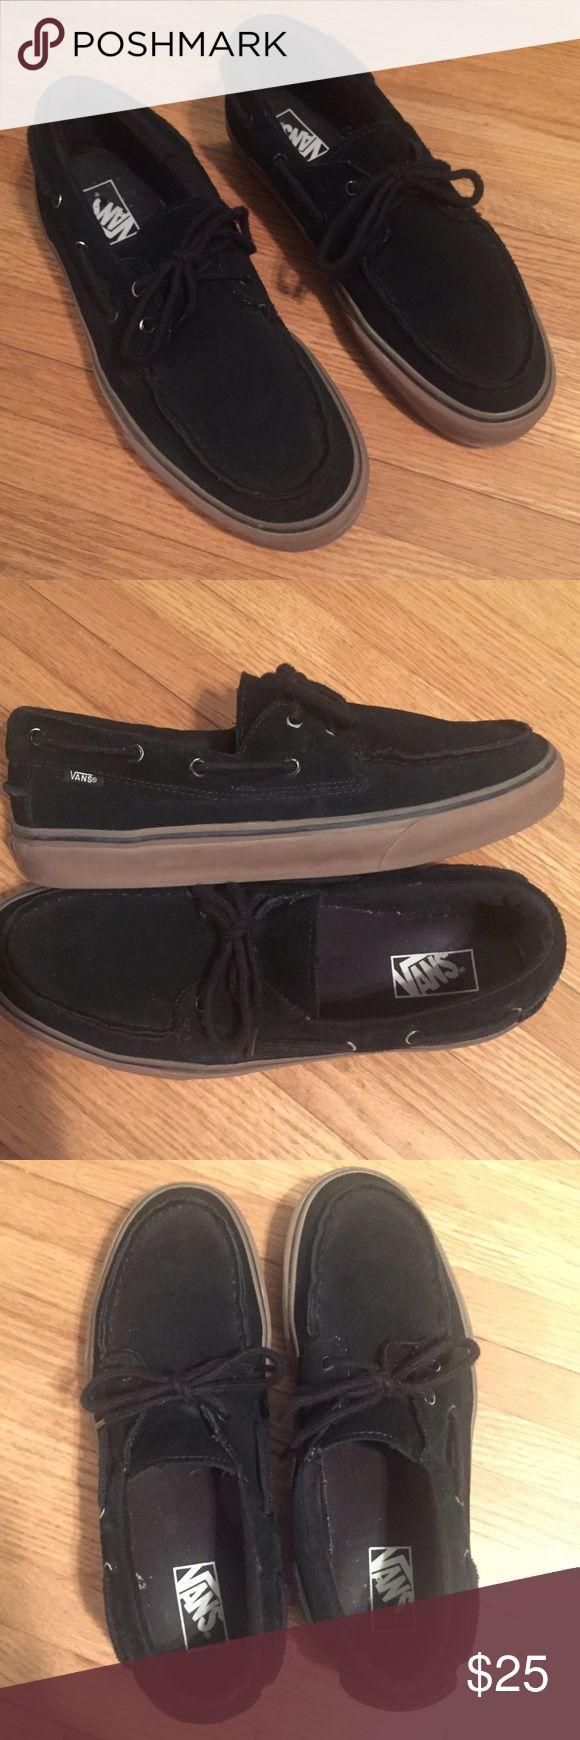 Men's Vans Zapatos Del Barco size 12 Men's Vans Zapatos Del Barco size 12. Black Gum Vans Shoes